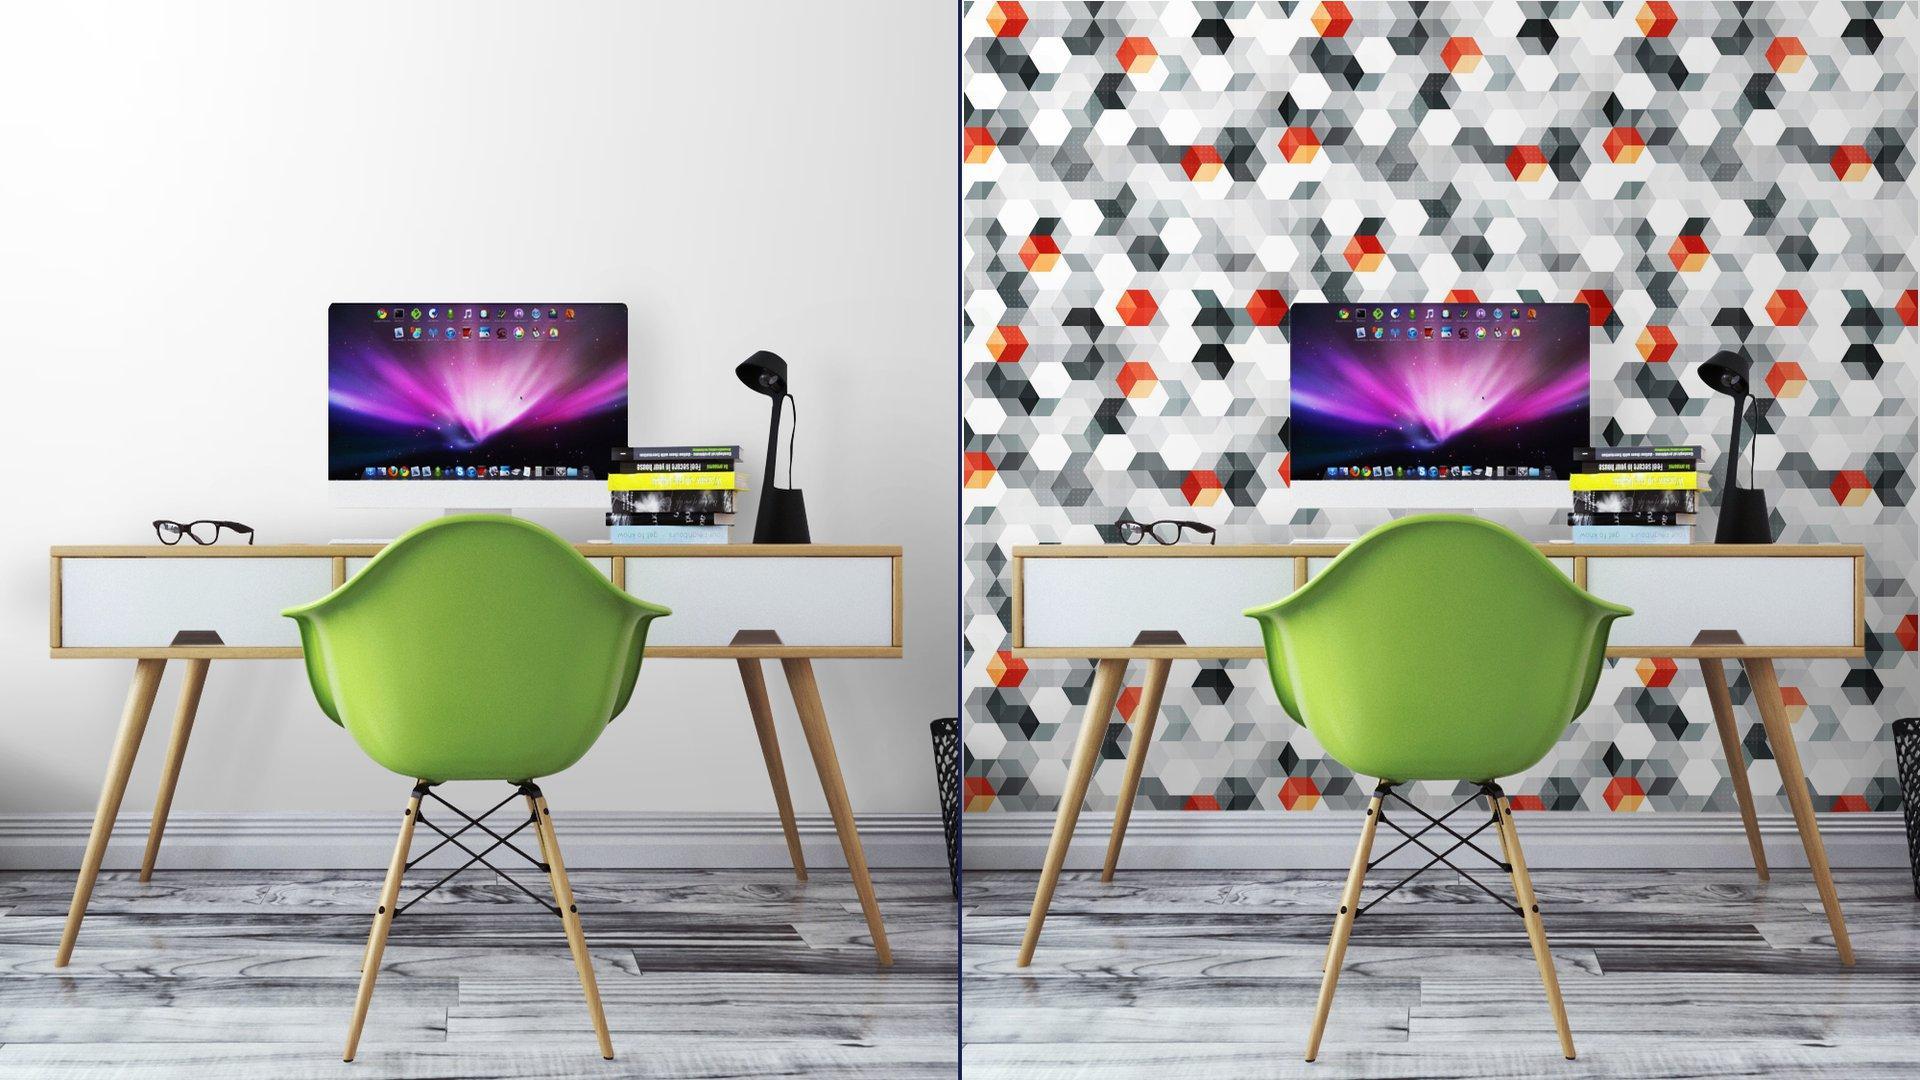 Fotomurales mexico papeles pintados cubos abstractos sin fisuras patron con efecto grunge 7 - Papel Tapiz Cubos Abstractos Con Efecto Grunge 01